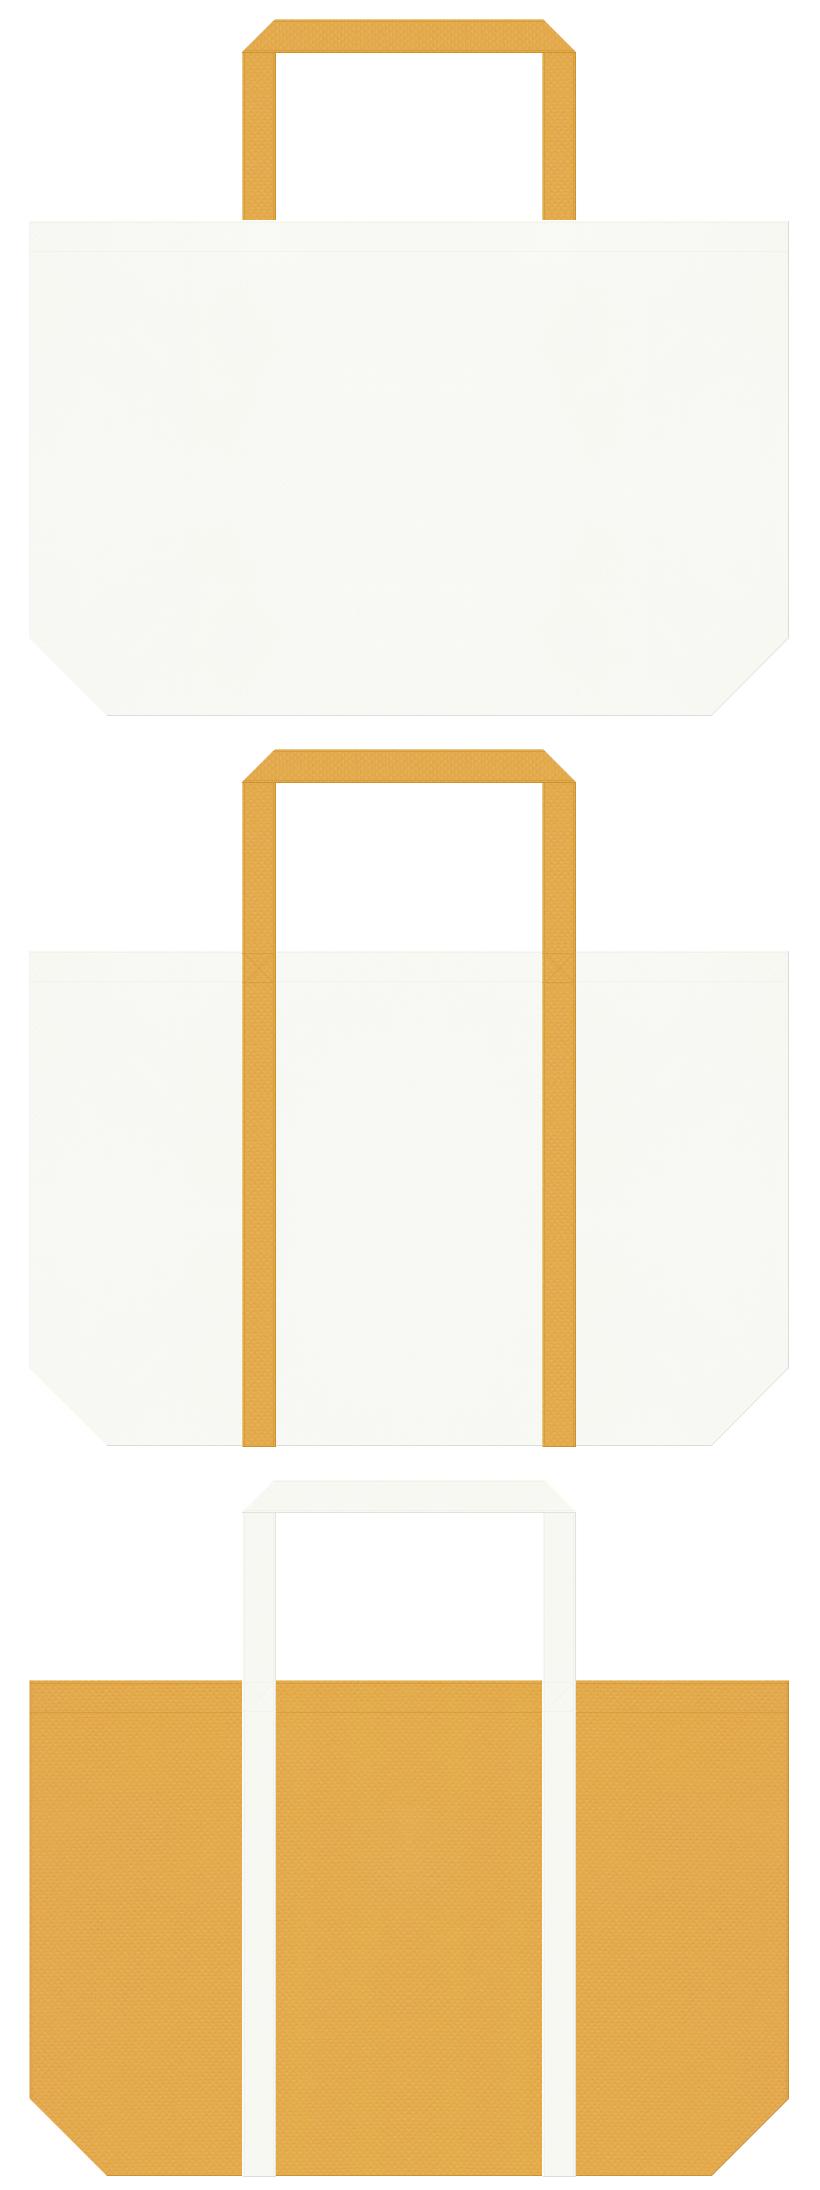 ニット・セーター・毛糸・手芸・絵本・テーマパーク・住宅展示場・レシピ・お料理教室・食の見本市・小麦粉・乳製品・牧場・ソフトクリーム・生クリーム・ロールケーキ・スイーツ・ピーナツバター・クロワッサン・クレープ・ベーカリーショップにお奨めの不織布バッグデザイン:オフホワイト色と黄土色のコーデ